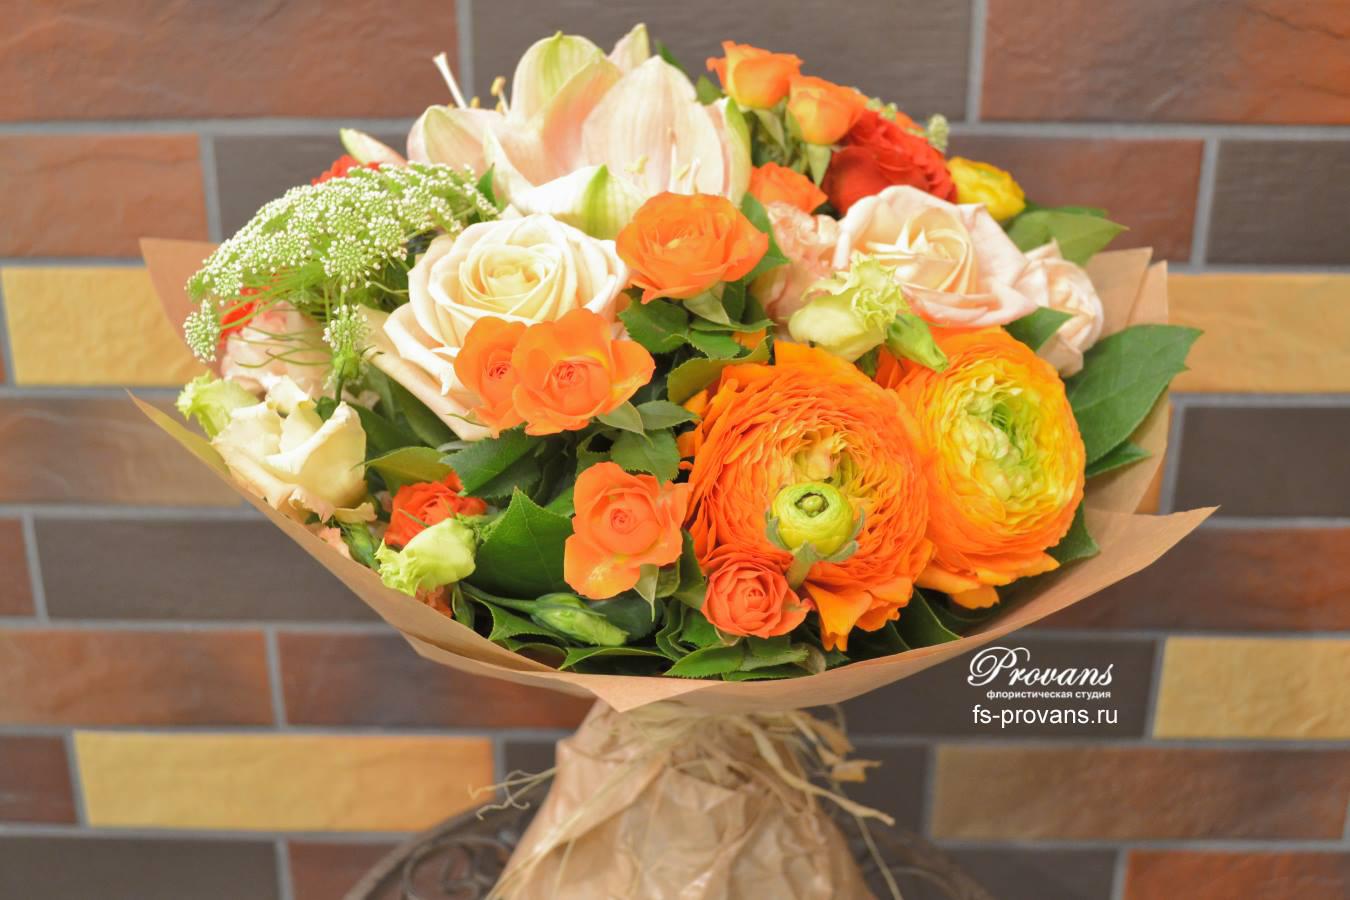 Женский букет на день рождения. Лютики, розы, амариллис